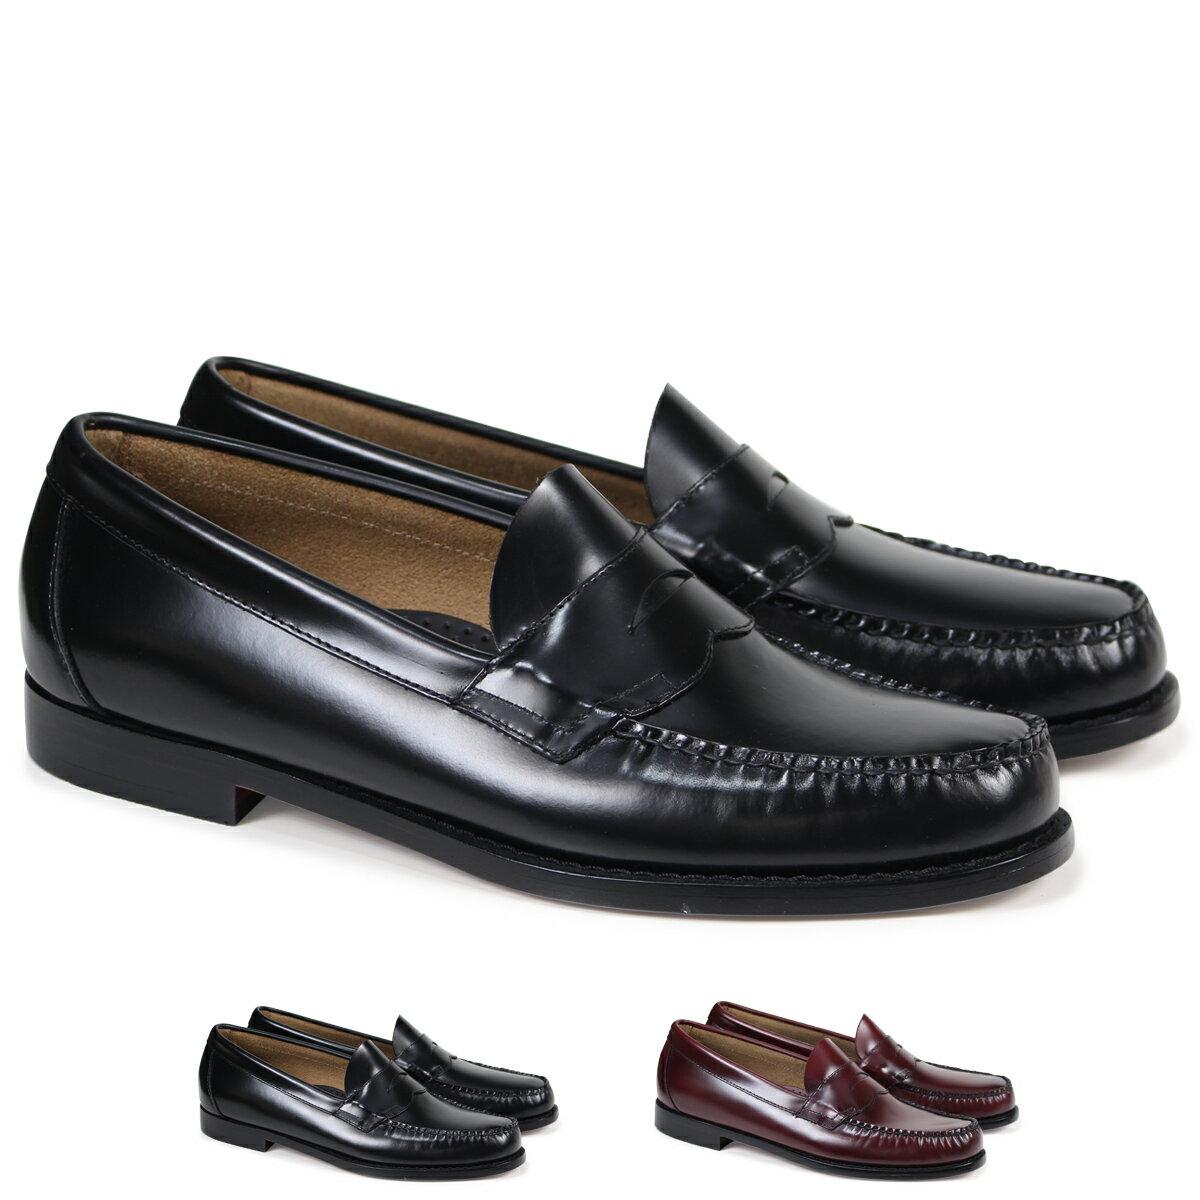 G.H. BASS LOGAN ローファー ジーエイチバス メンズ 70-10944 70-10949 靴 2カラー [1711]